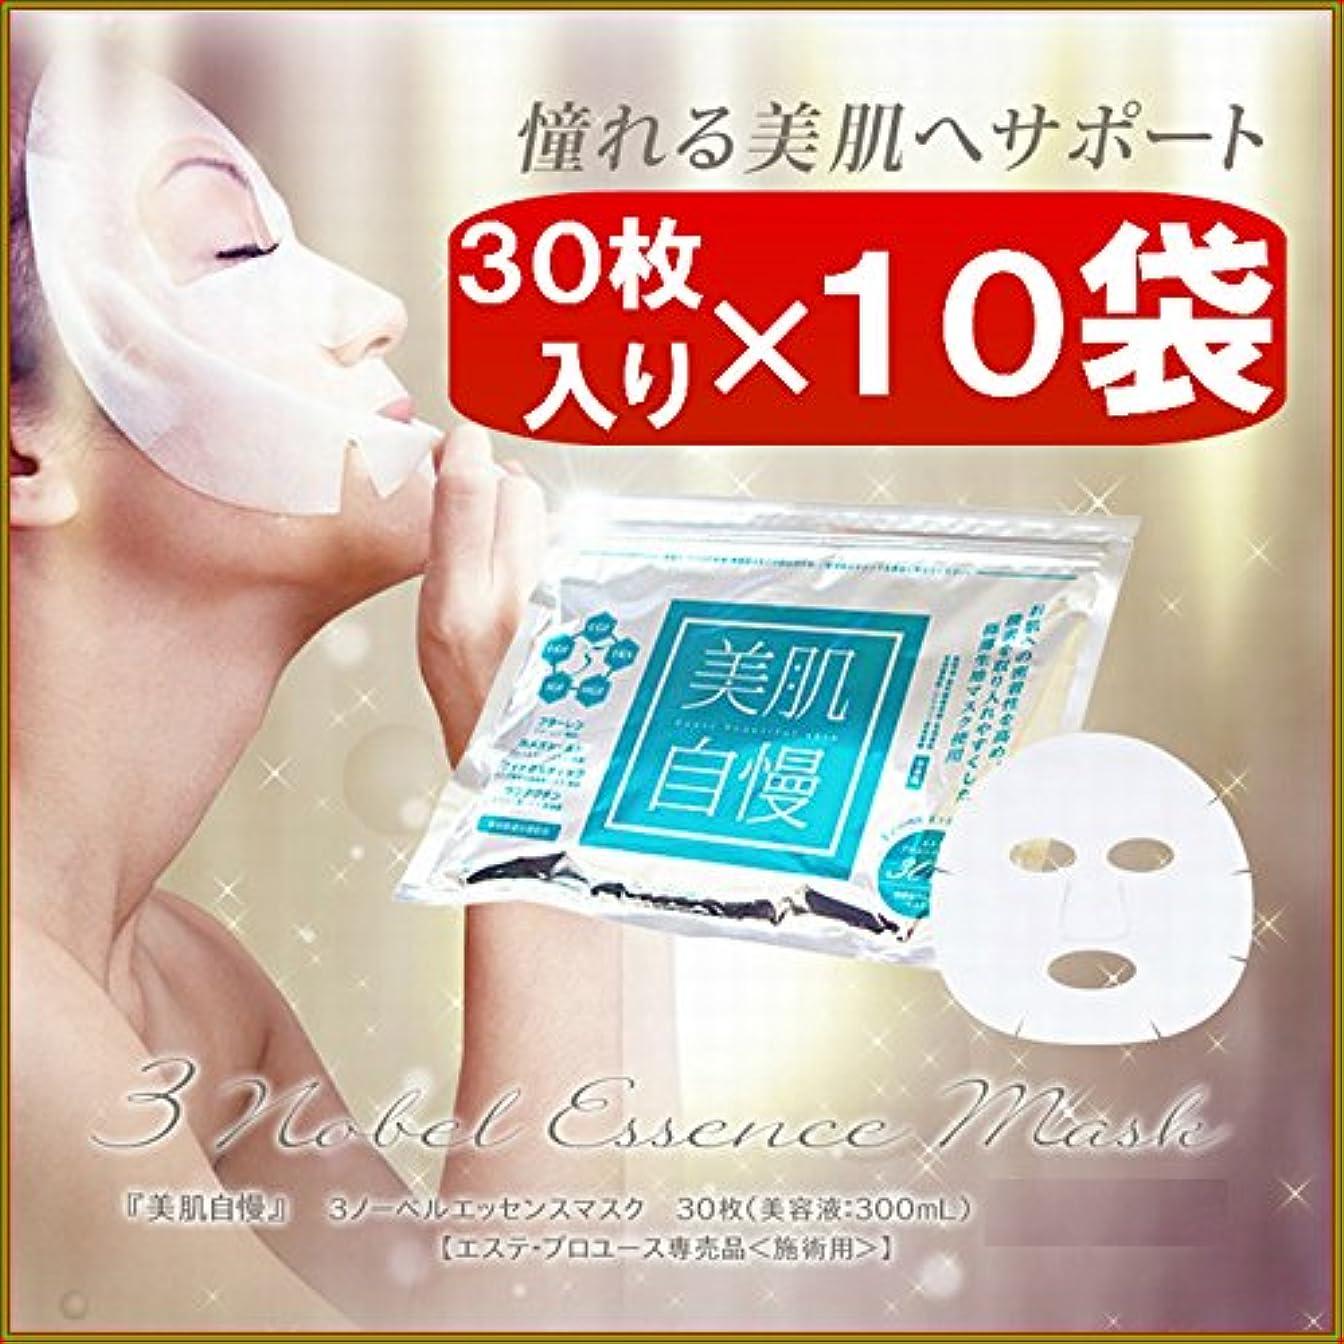 馬鹿げたコスチューム黒美肌自慢フェイスマスク 30枚入り ×超お得10袋セット 《エッセンスマスク、EGF、IGF、ヒアルロン酸、プラセンタ、アルブチン、カタツムリエキス、しみ、しわ》